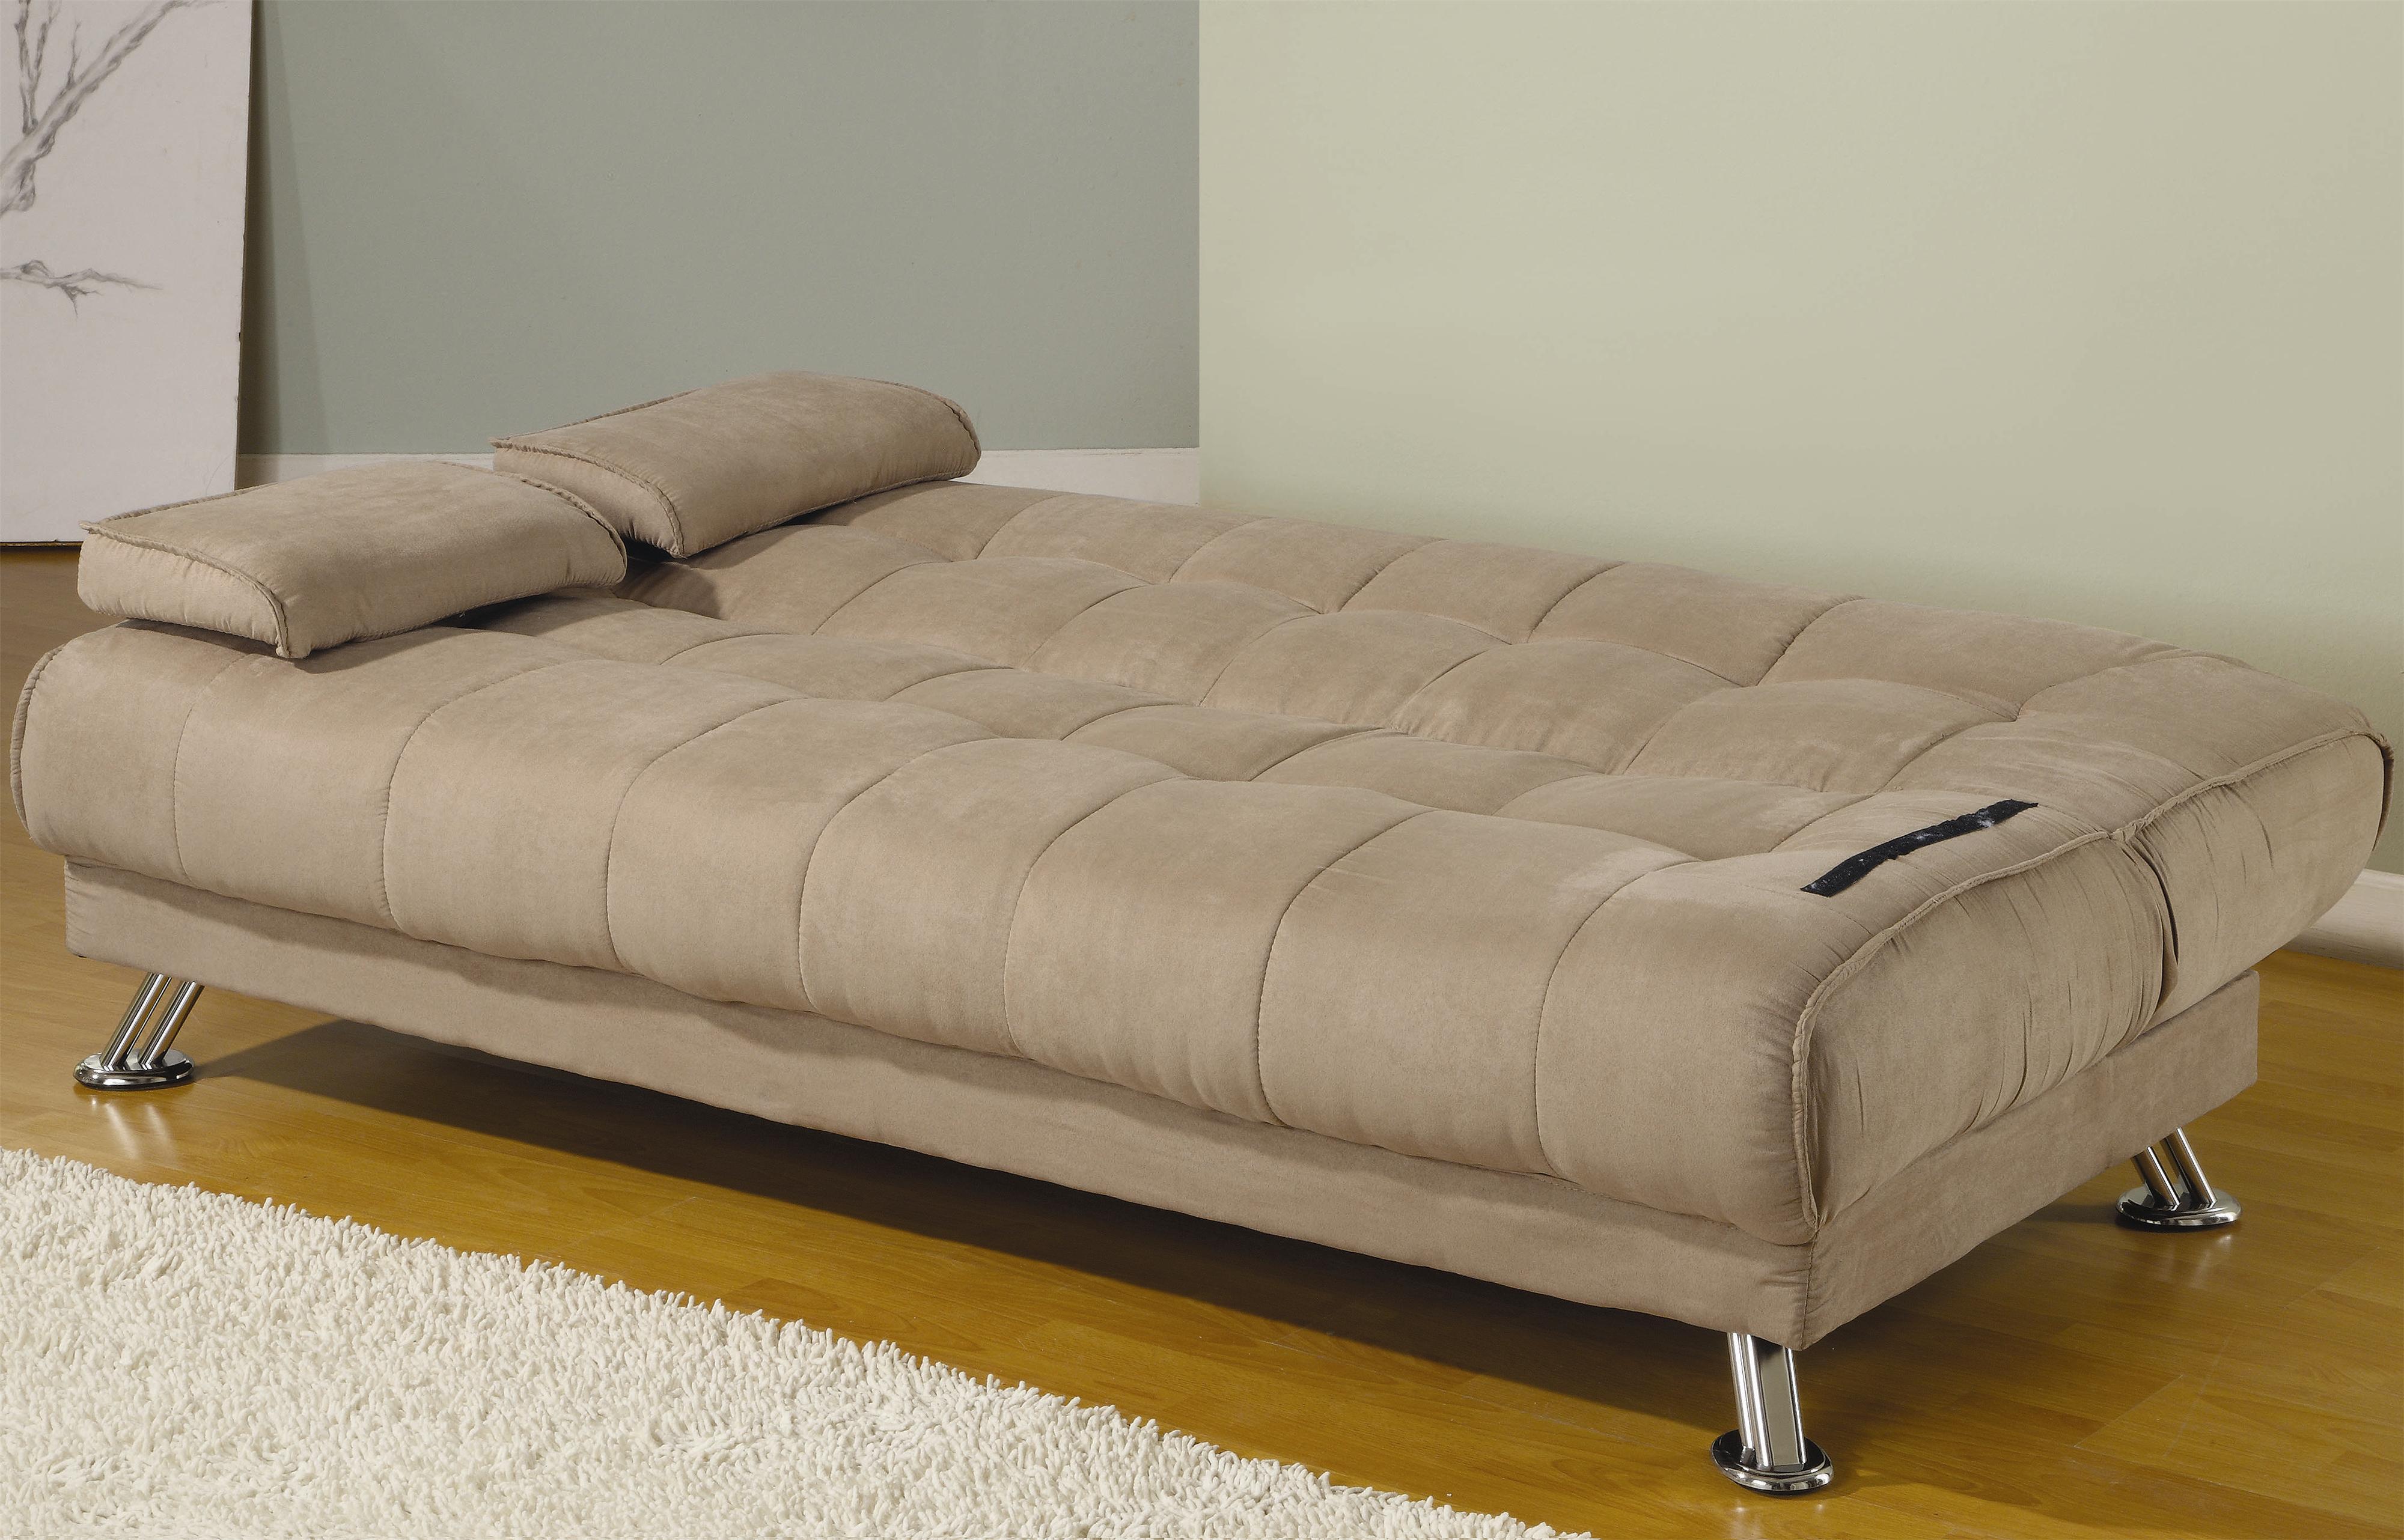 Sofa Beds 300147 B2